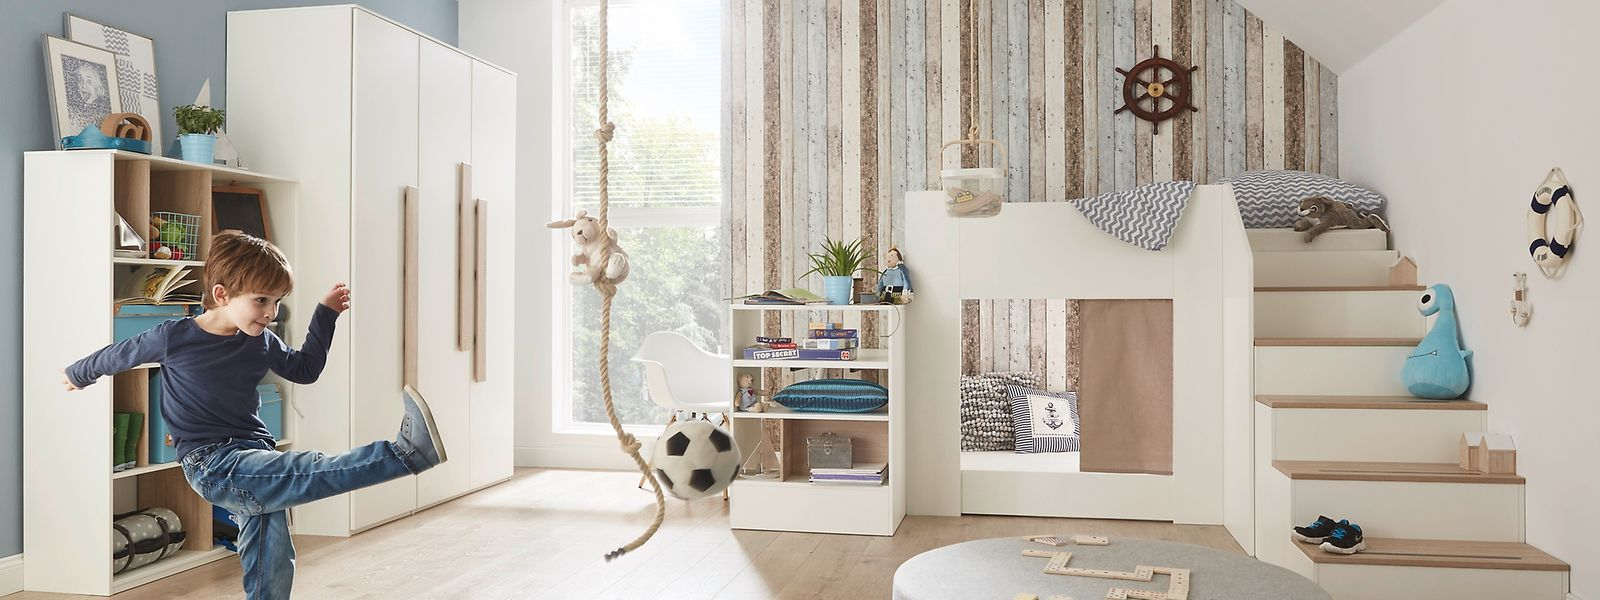 Schadstoffe in Möbeln sind für kleine Kinder besonders problematisch.